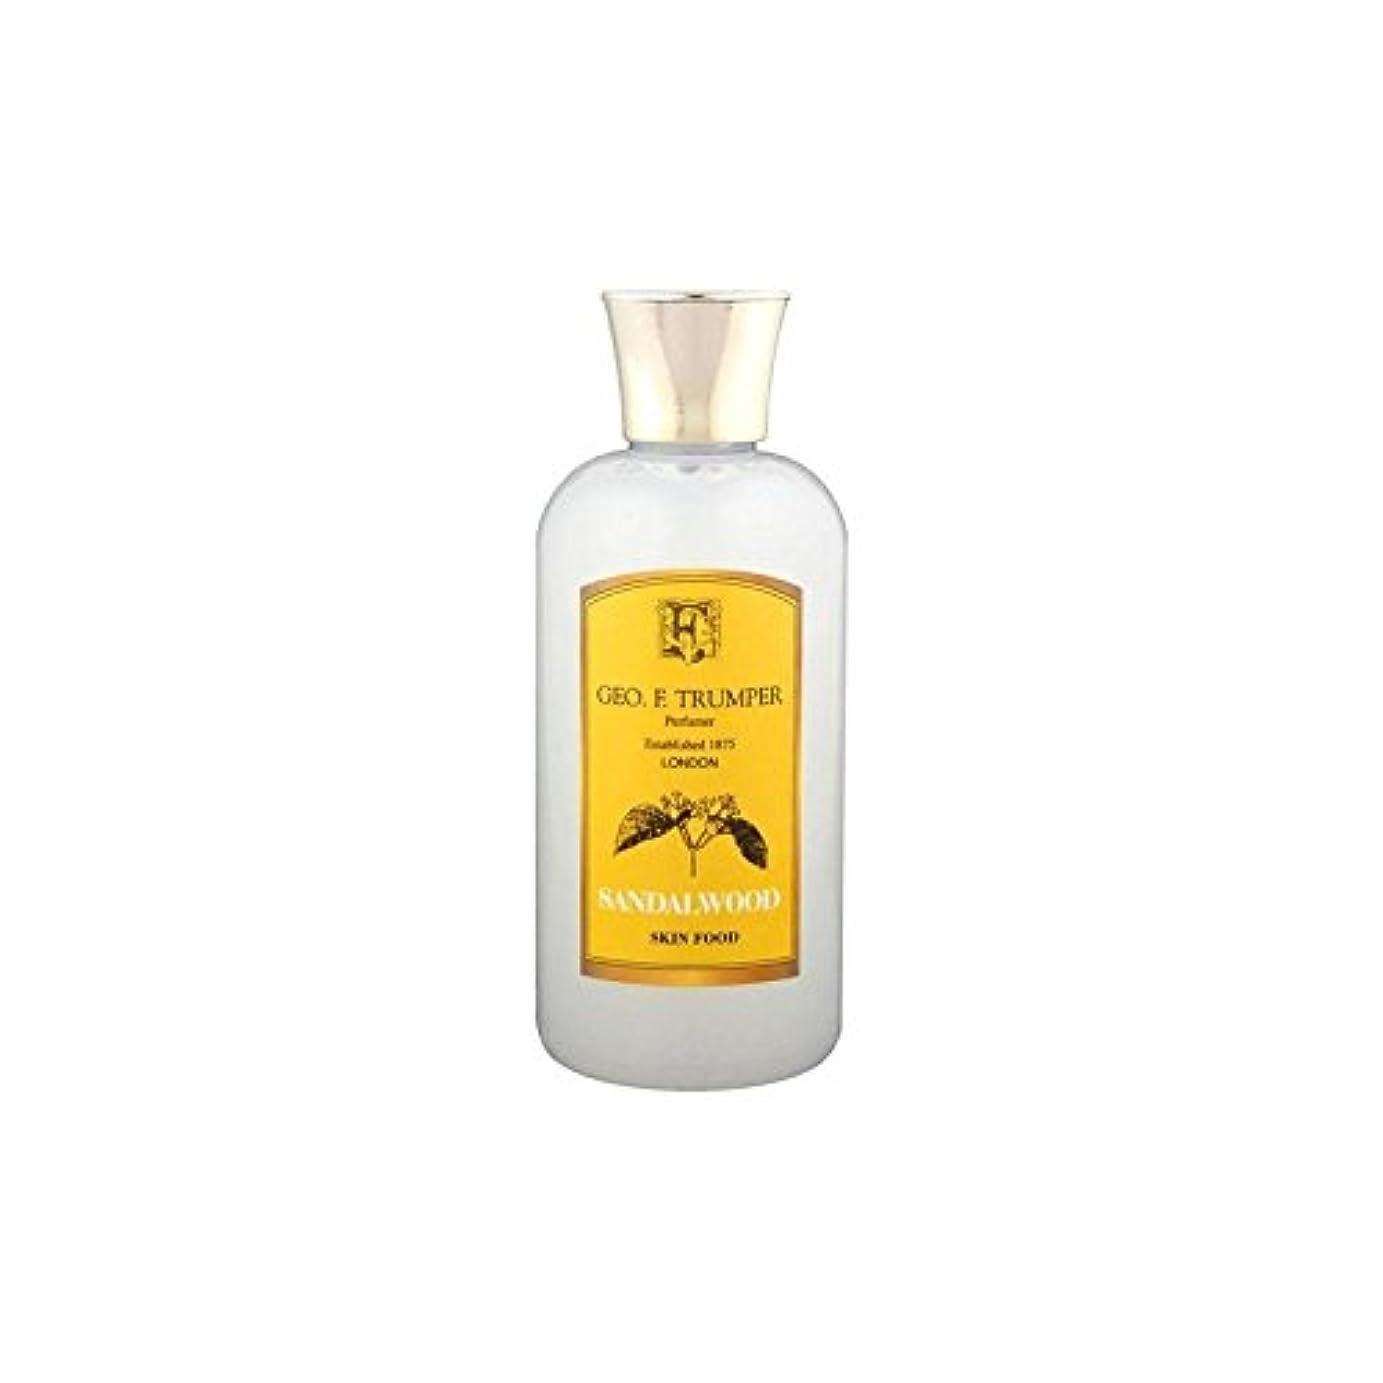 抜本的なアライメント寝室サンダルウッドスキンフード - 100ミリリットル旅 x4 - Trumpers Sandalwood Skin Food - 100ml Travel (Pack of 4) [並行輸入品]